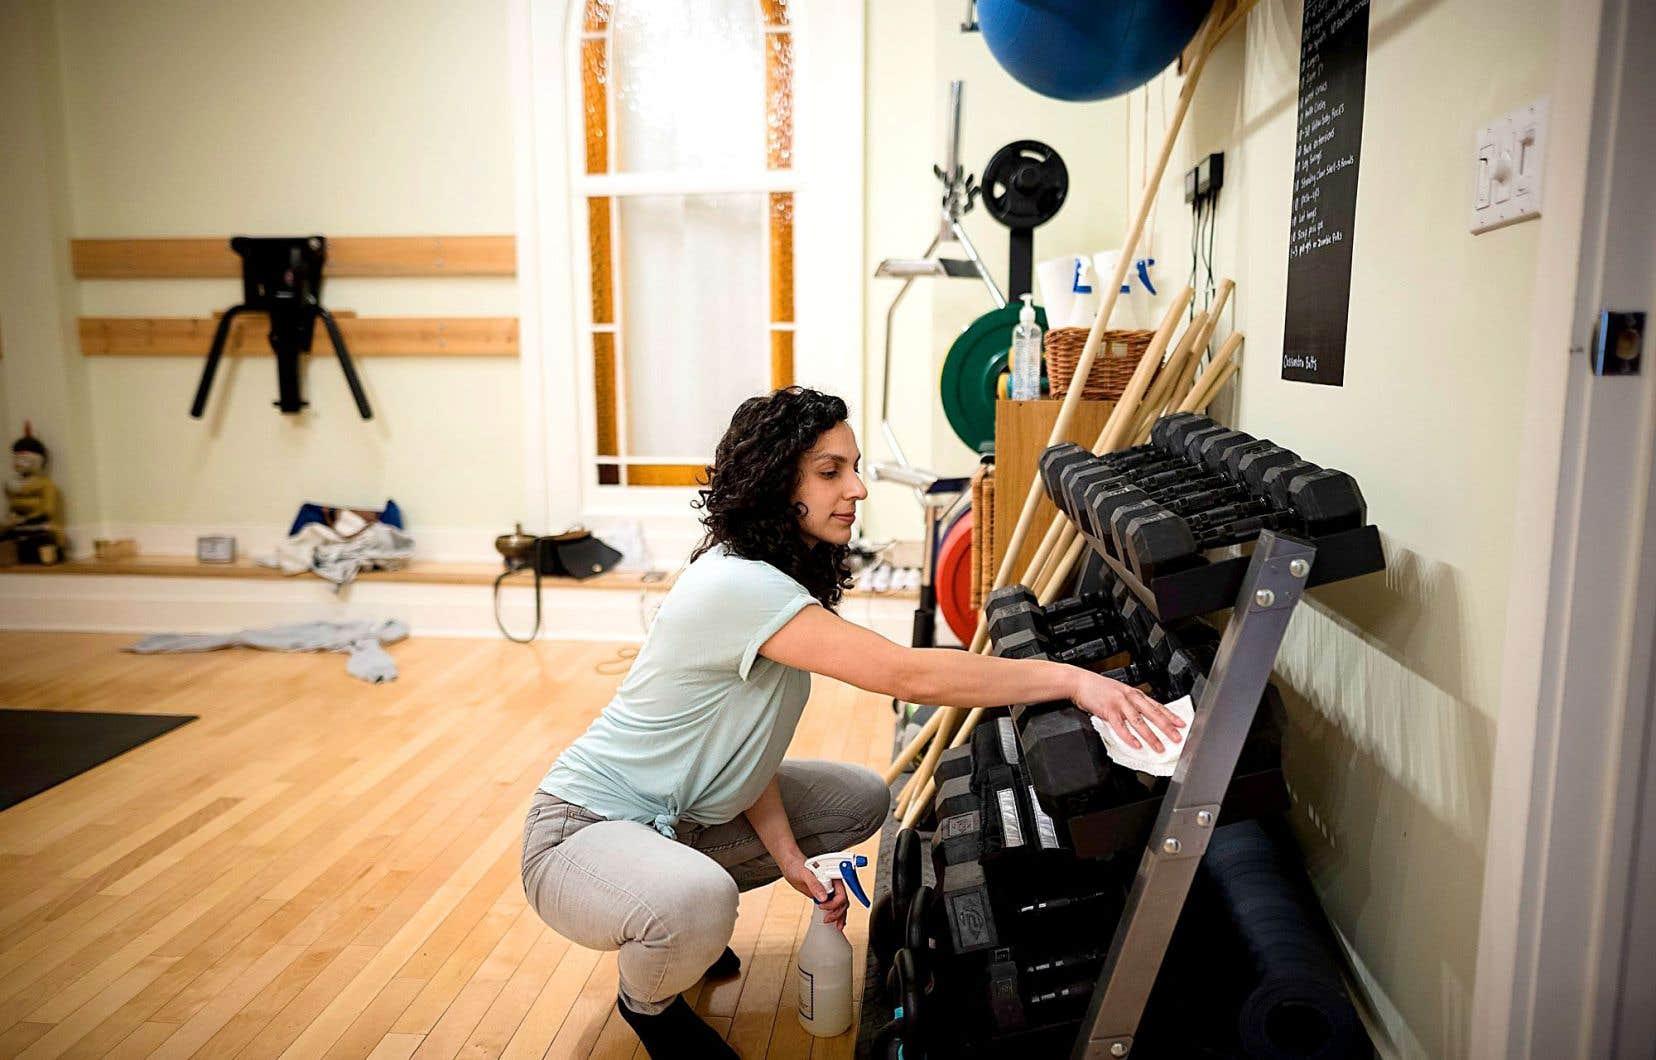 Une employée du gymnase Yogaspace a nettoyé avec assiduité les poids libres à la disposition des membres, mercredi.